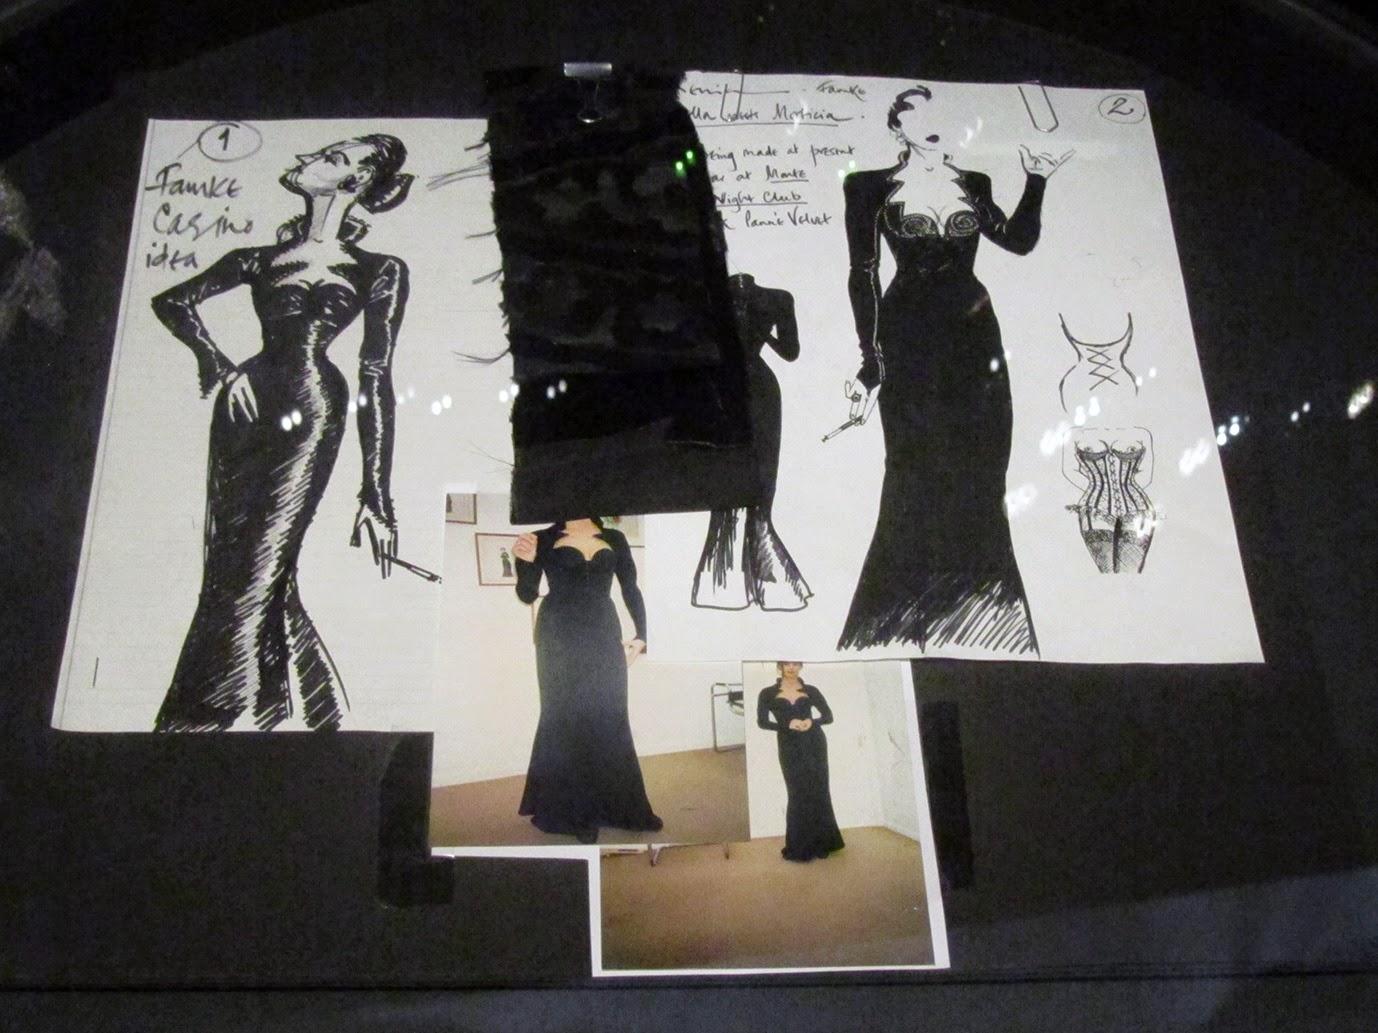 drawings of Famke Janssen's black dress